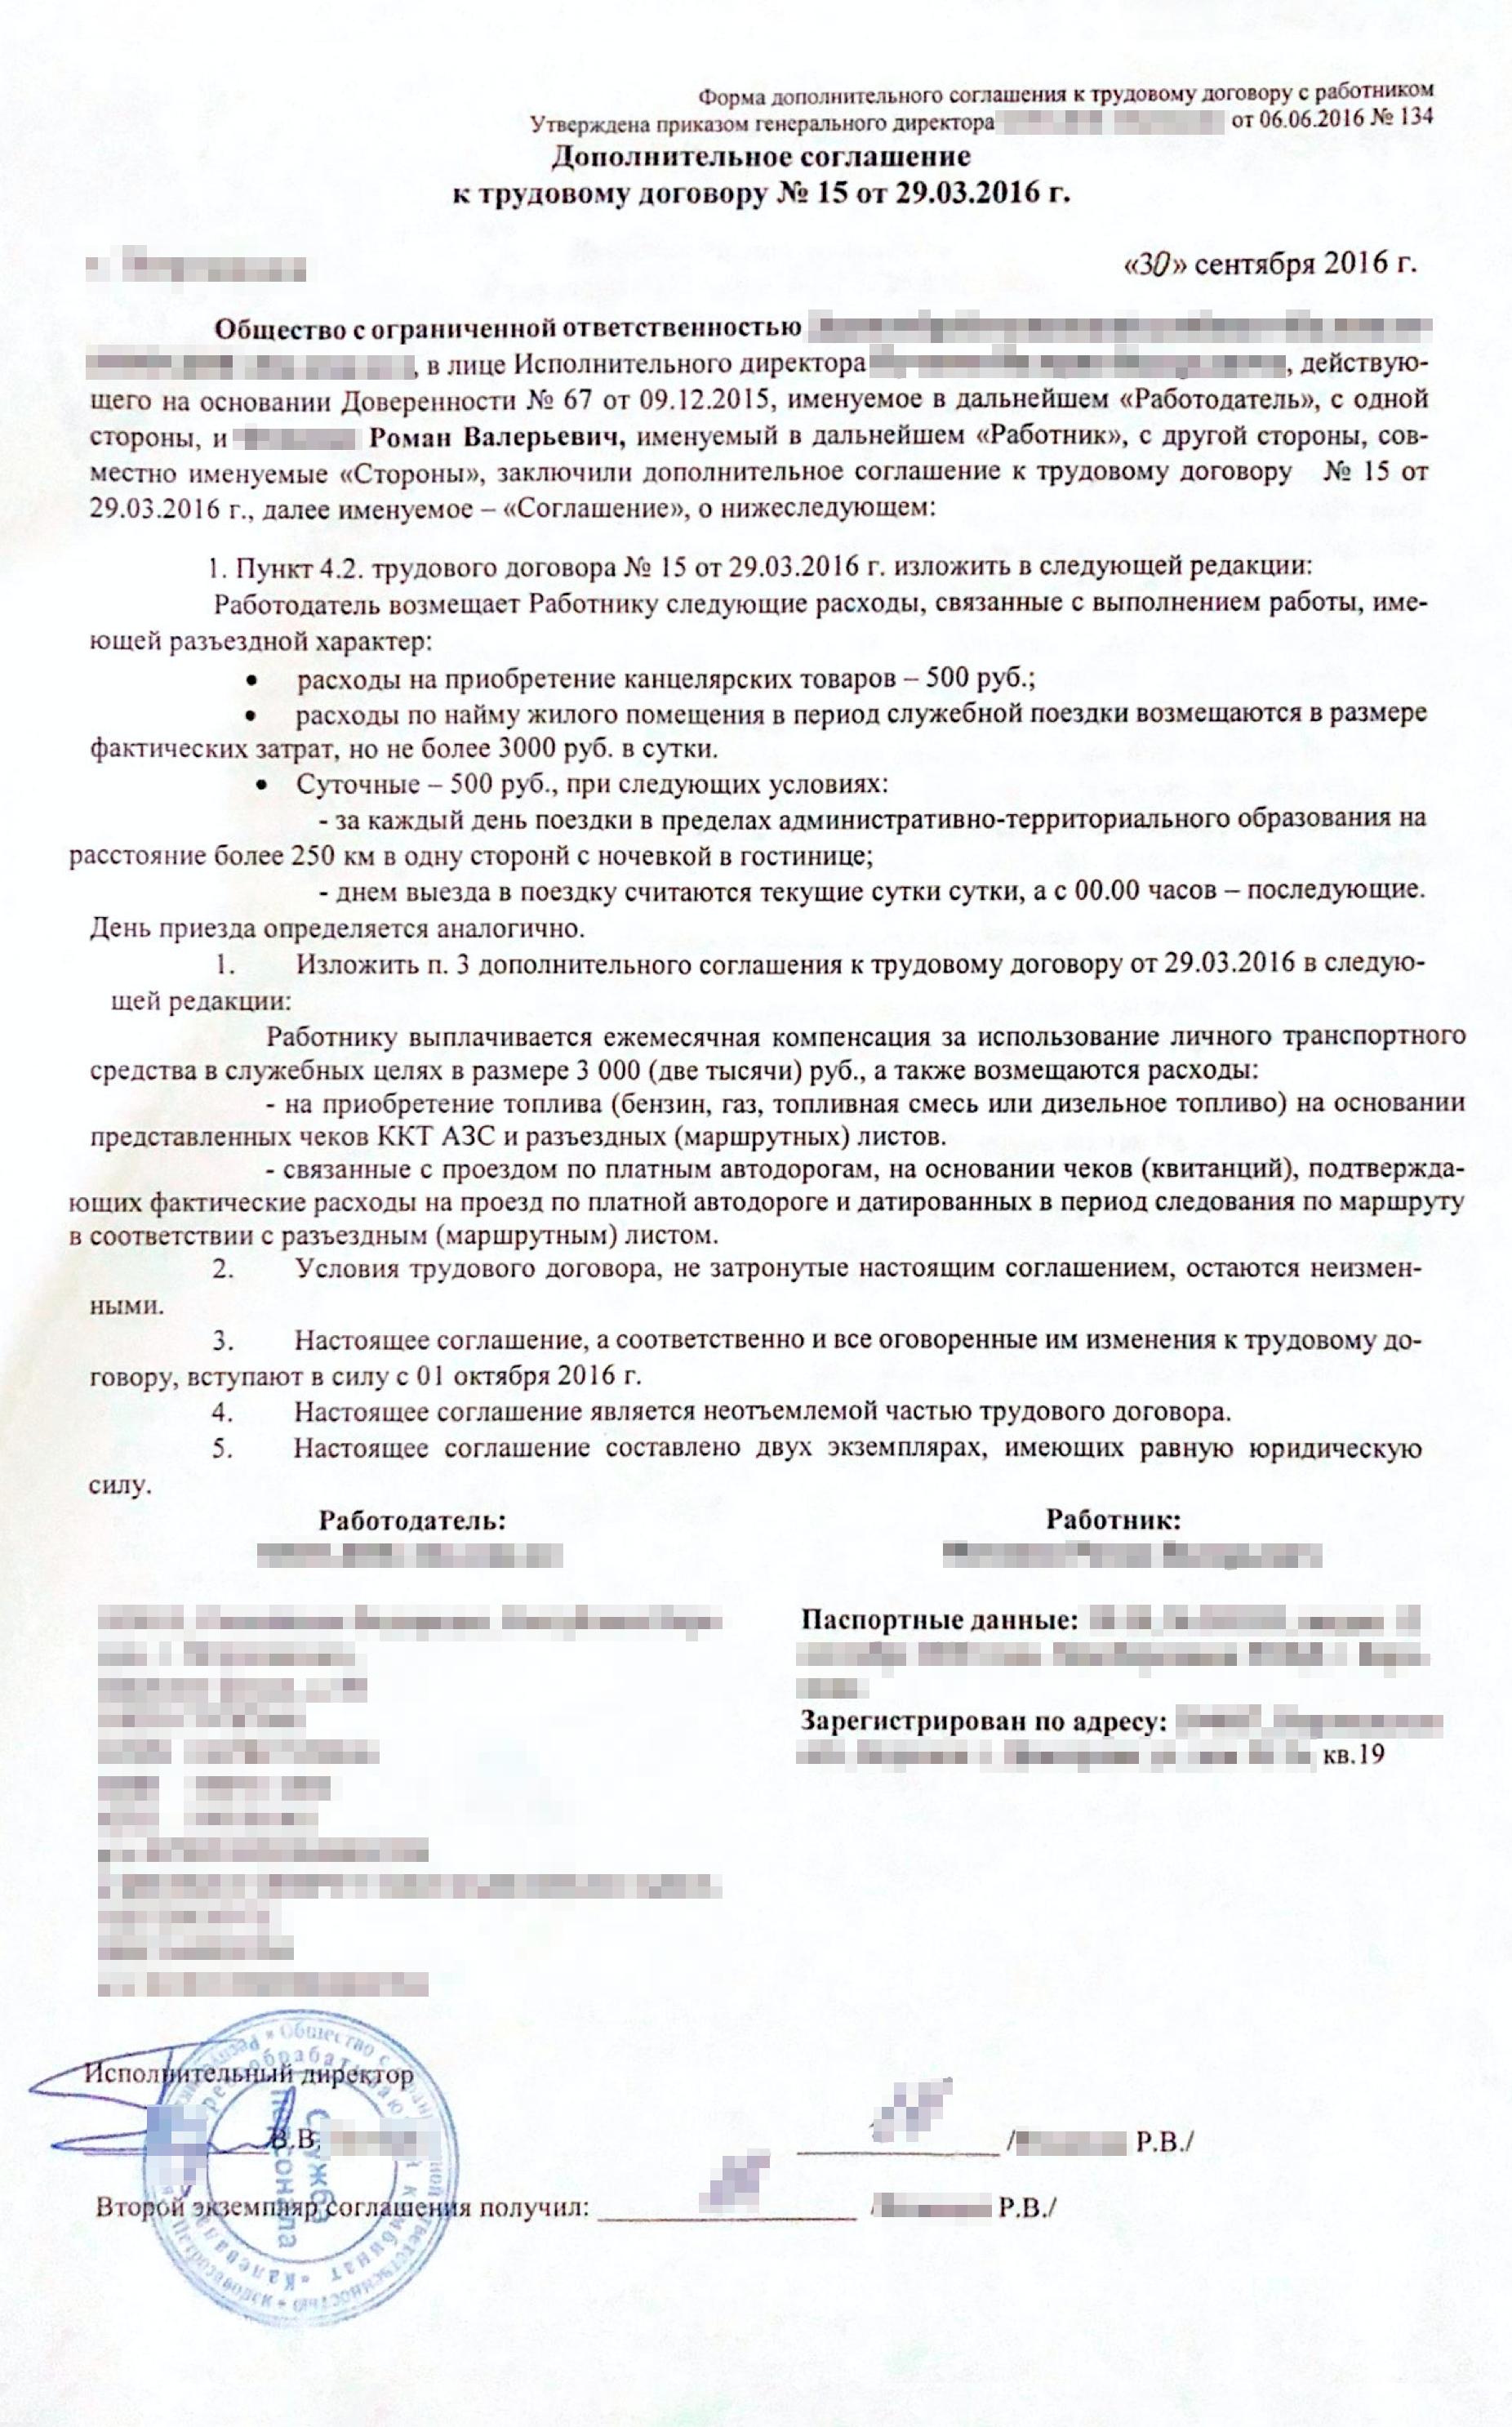 Договорились, что работодатель будет платить 500<span class=ruble>Р</span> на суточные расходы и 3000<span class=ruble>Р</span> в сутки на гостиницу. Но сами слова не гарантируют, что я получил&nbsp;бы эти деньги. Поэтому я настоял, чтобы мы прописали условия в дополнительном соглашении к трудовому договору